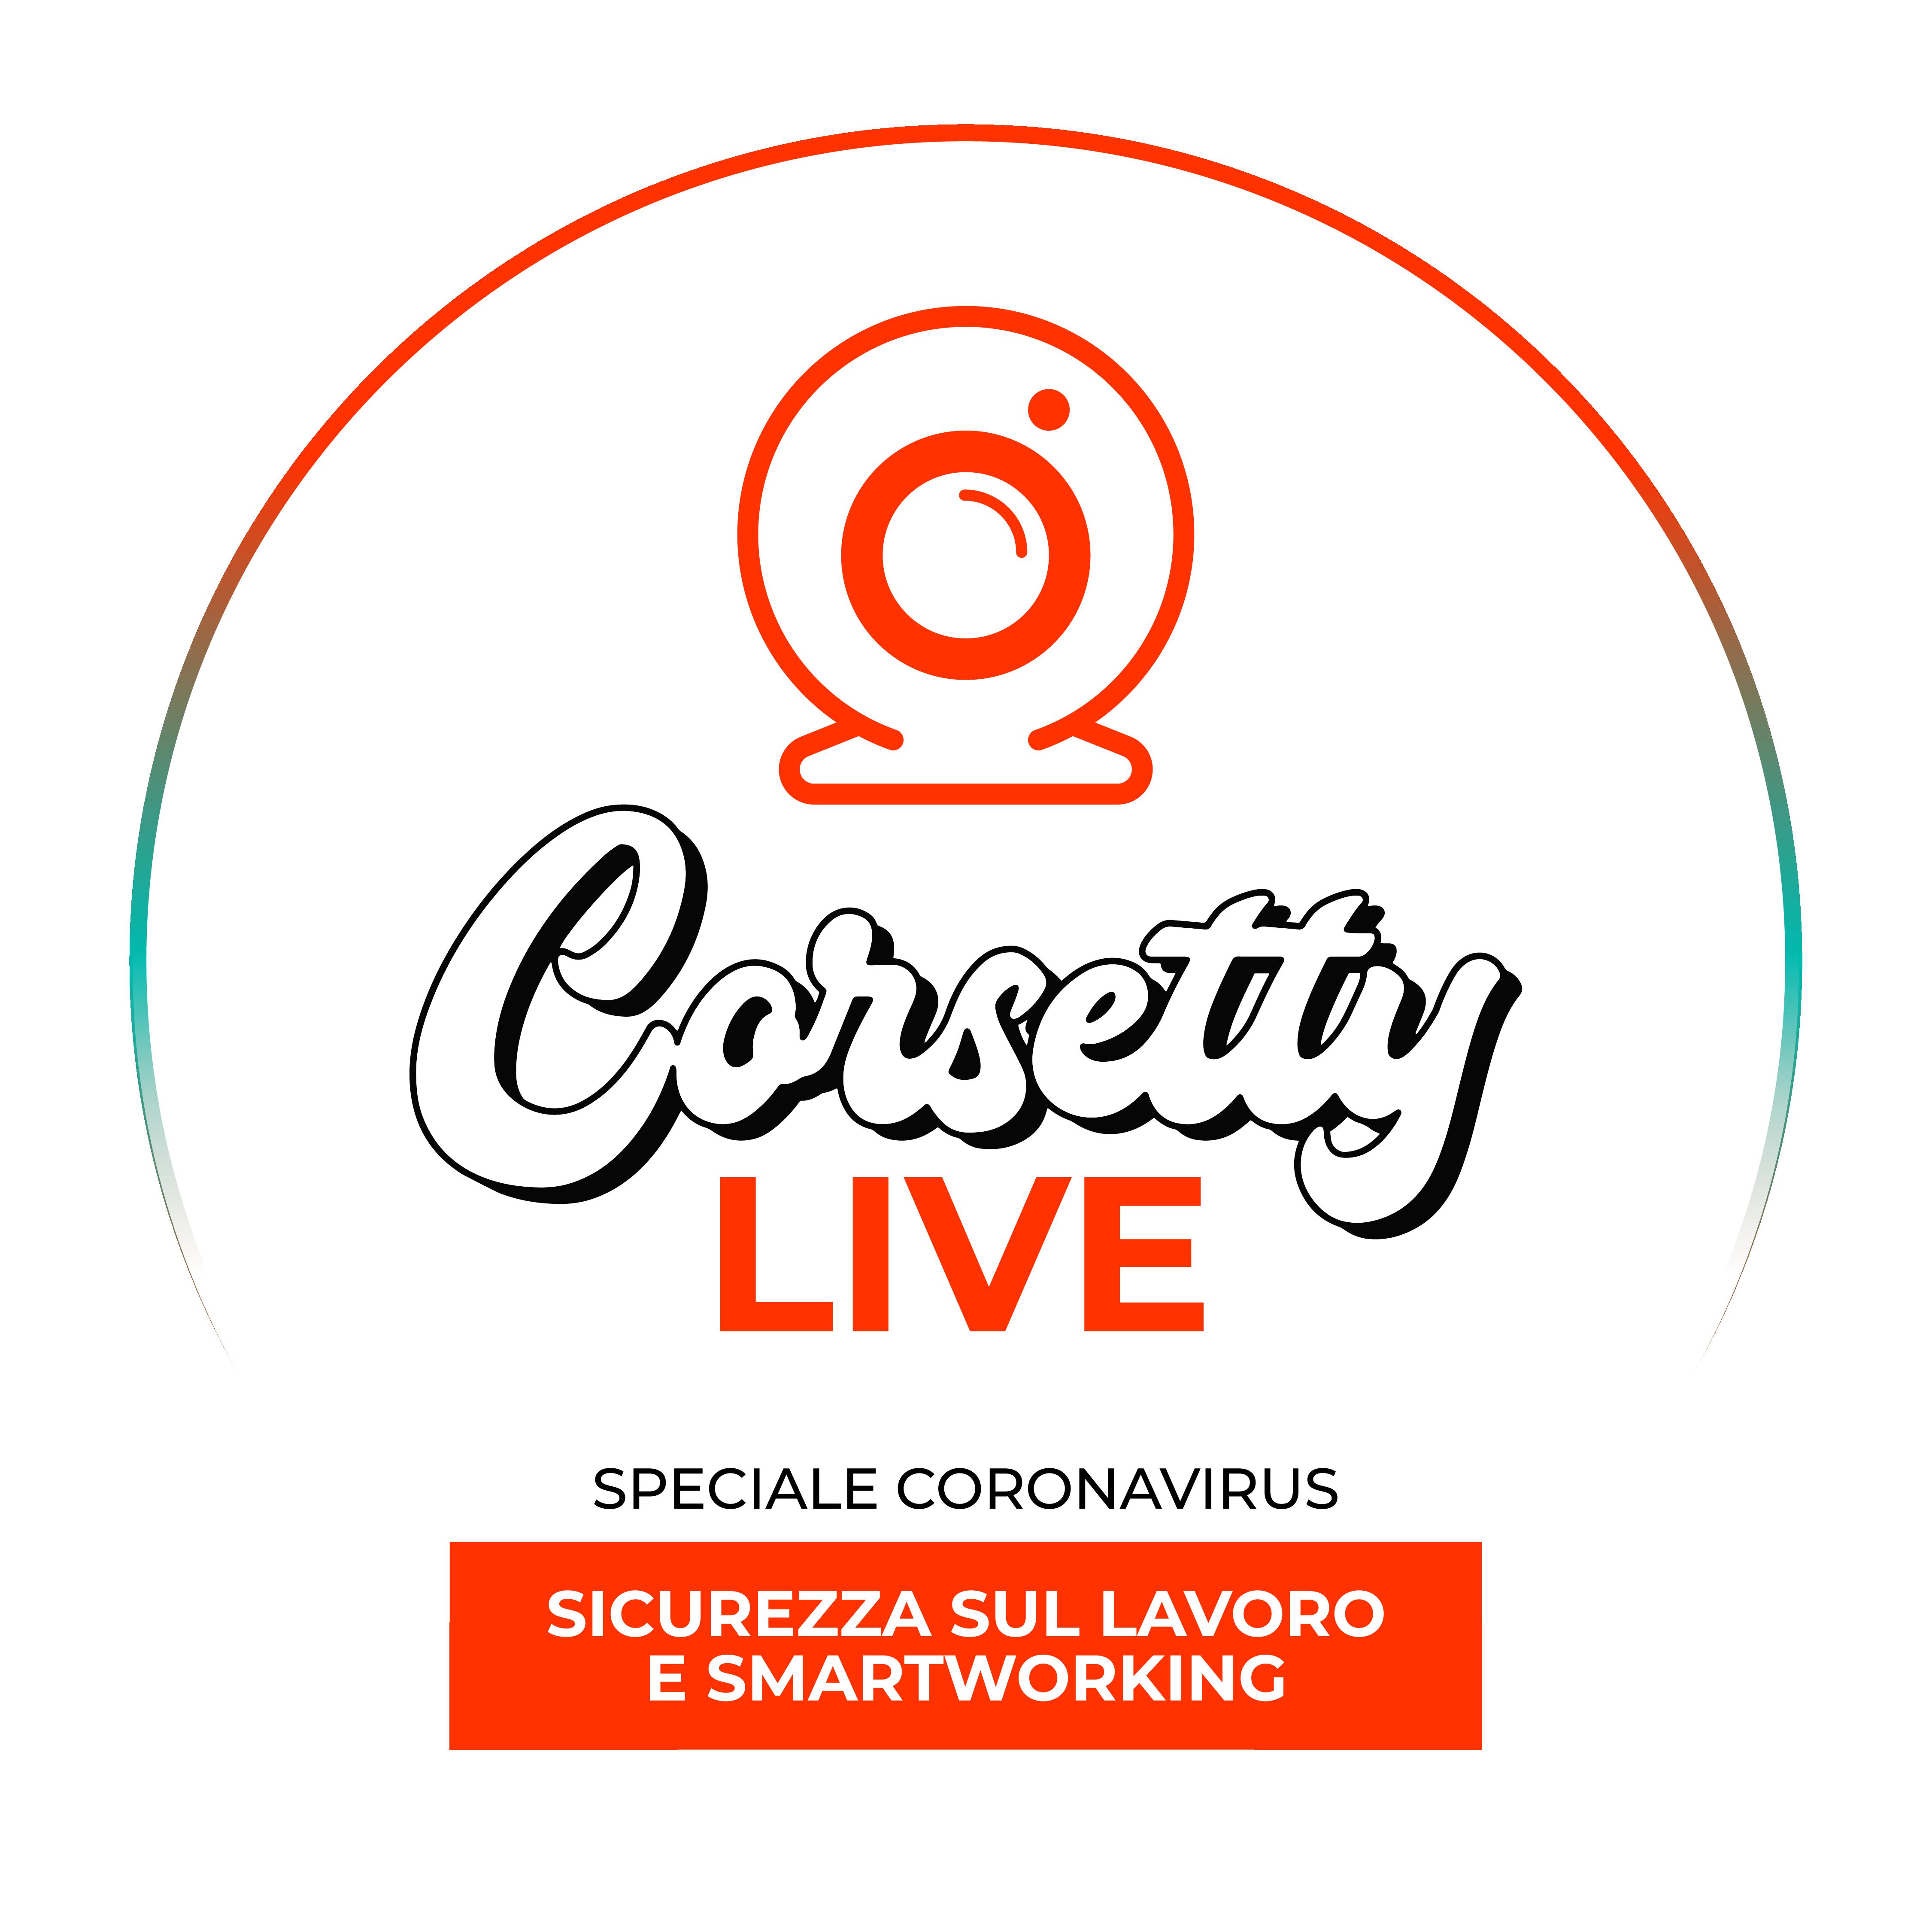 SPECIALE CORONAVIRUS: sicurezza sul lavoro e smartworking